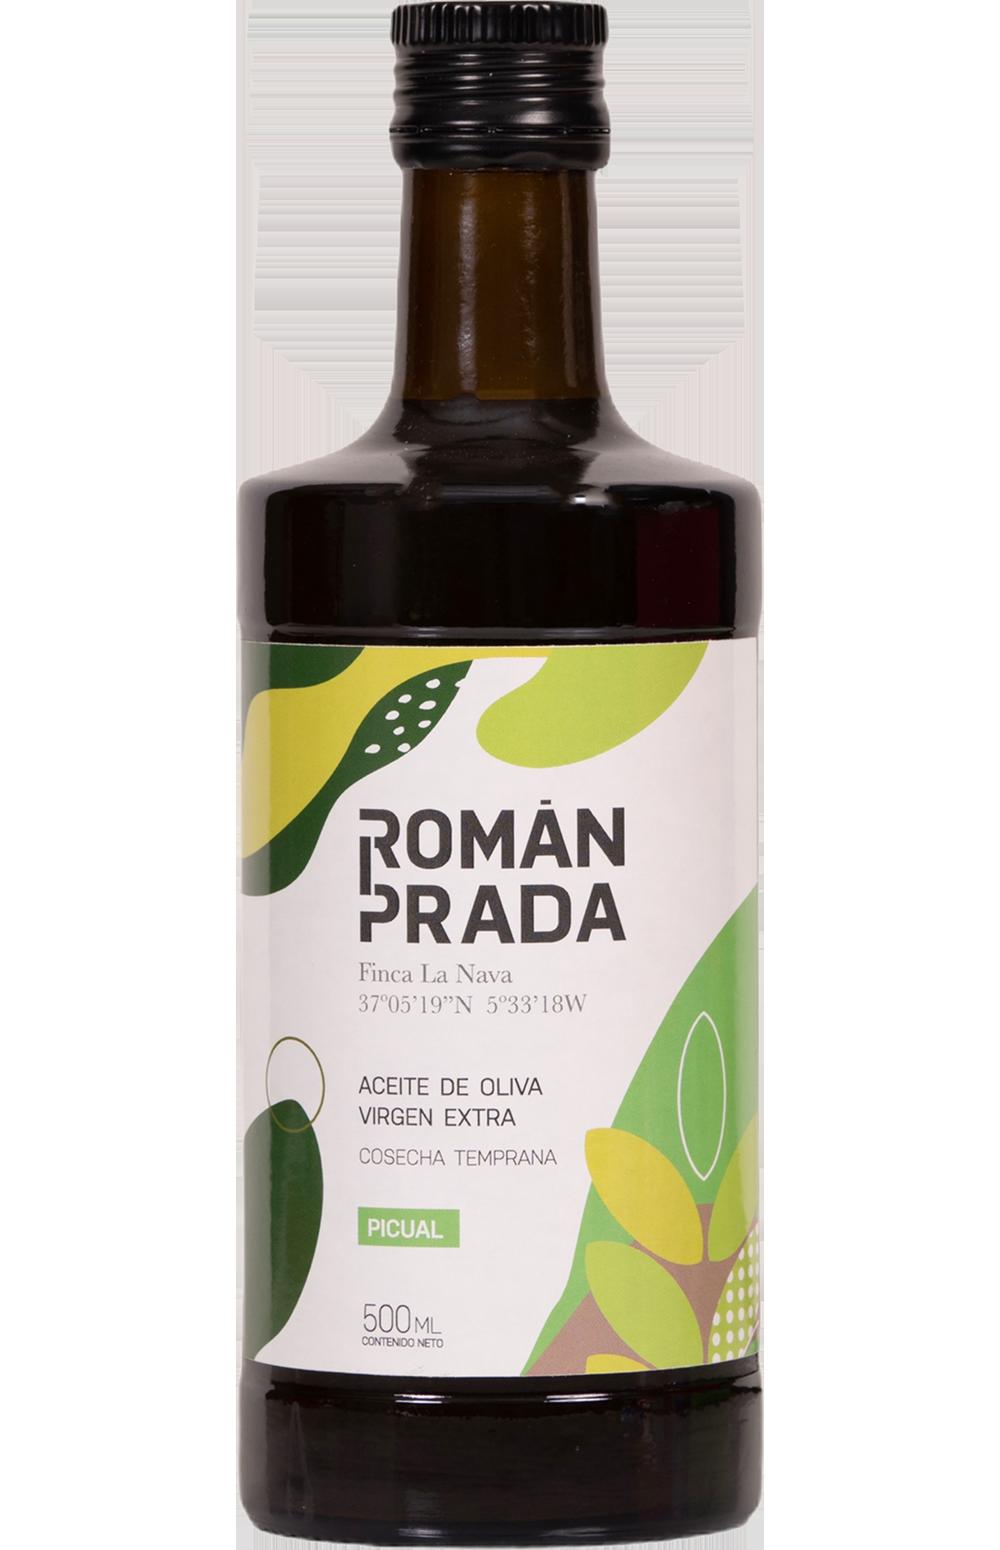 Roman Prada Picual